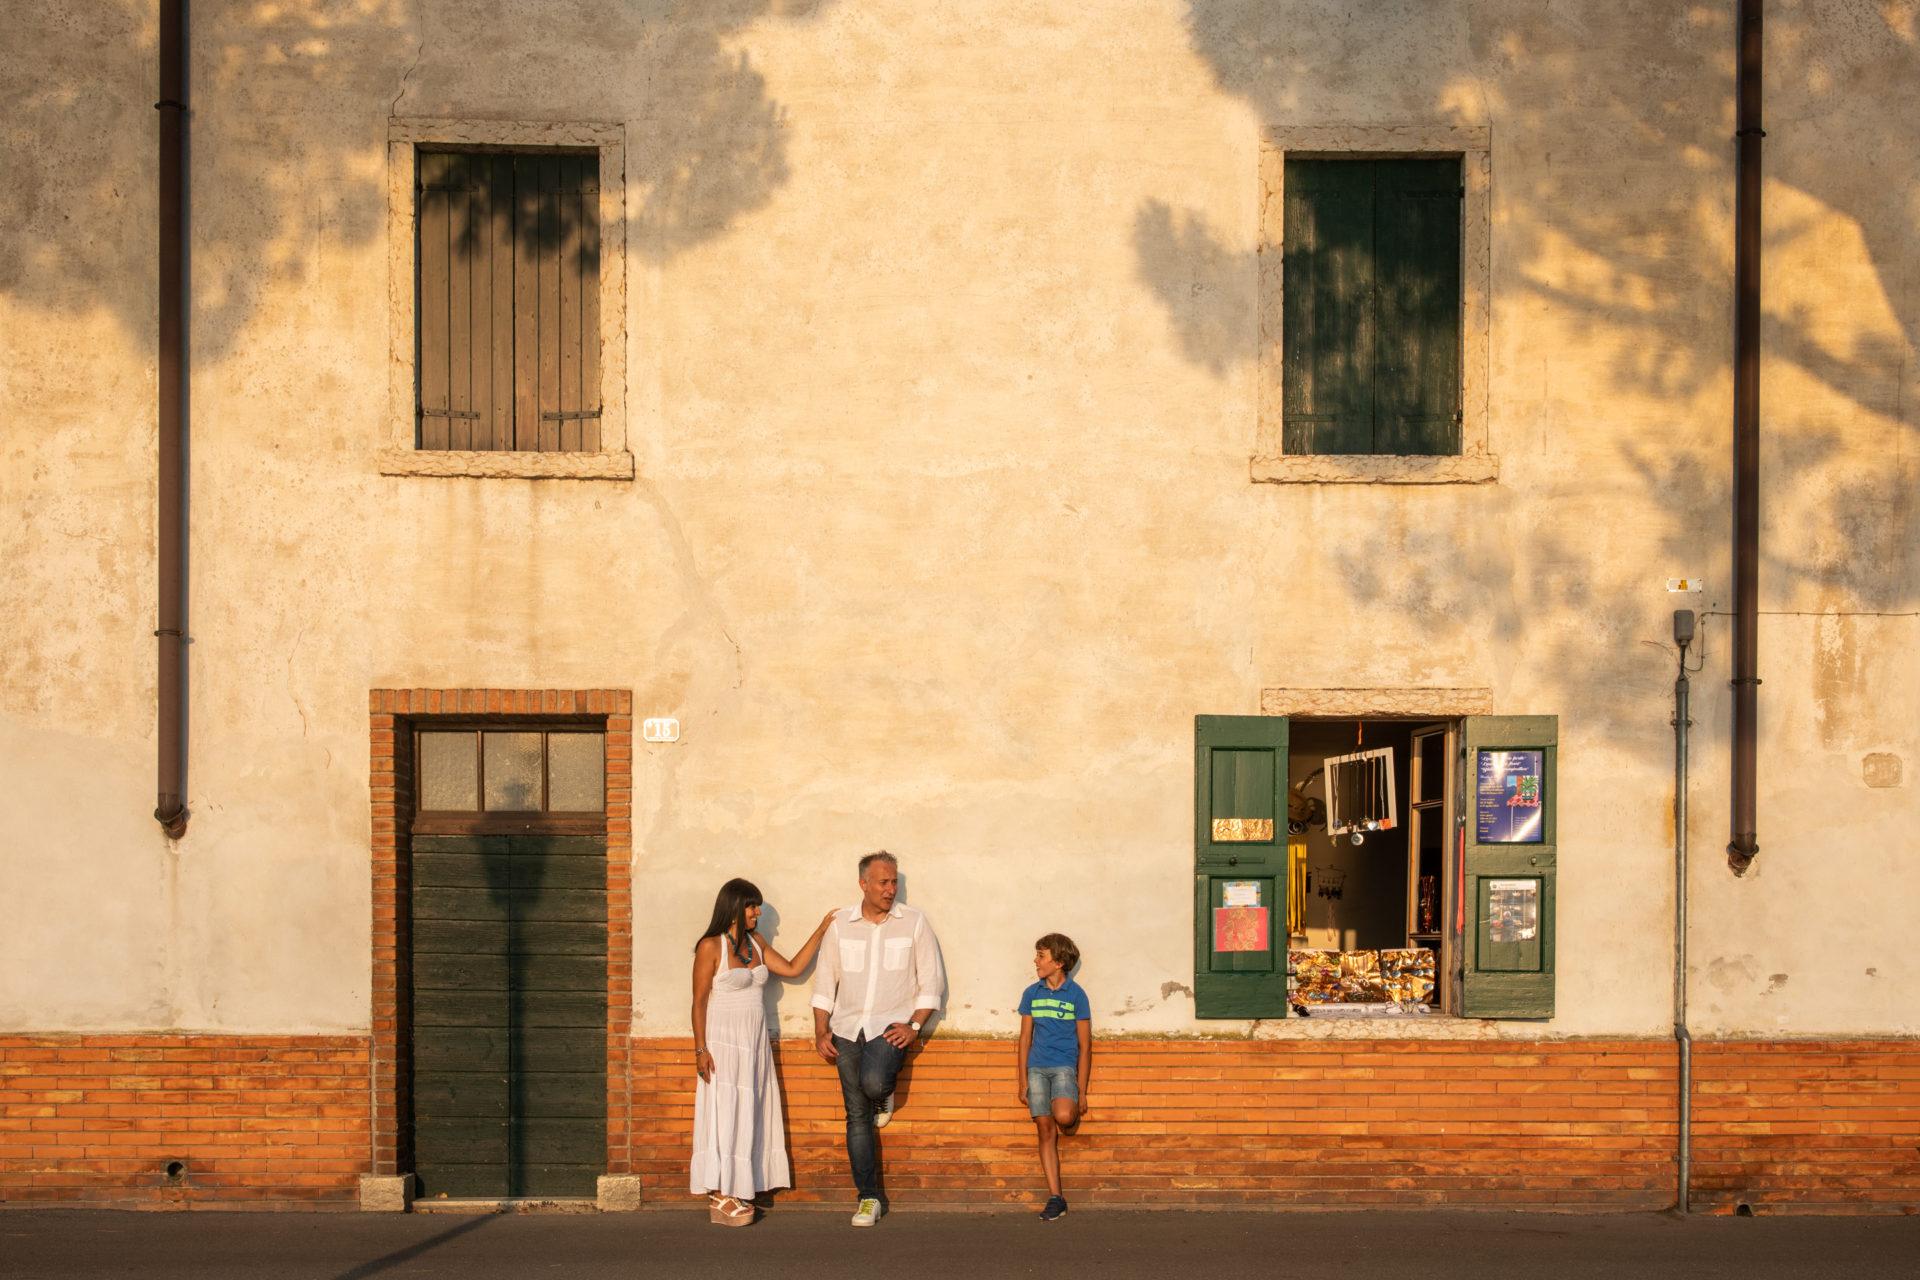 fotografo professionista per il tua vacanza sul Lago di Garda servizi fotografici GLPSTUDIO FOTO VIDEO LAZISE CELL. 335 5234158